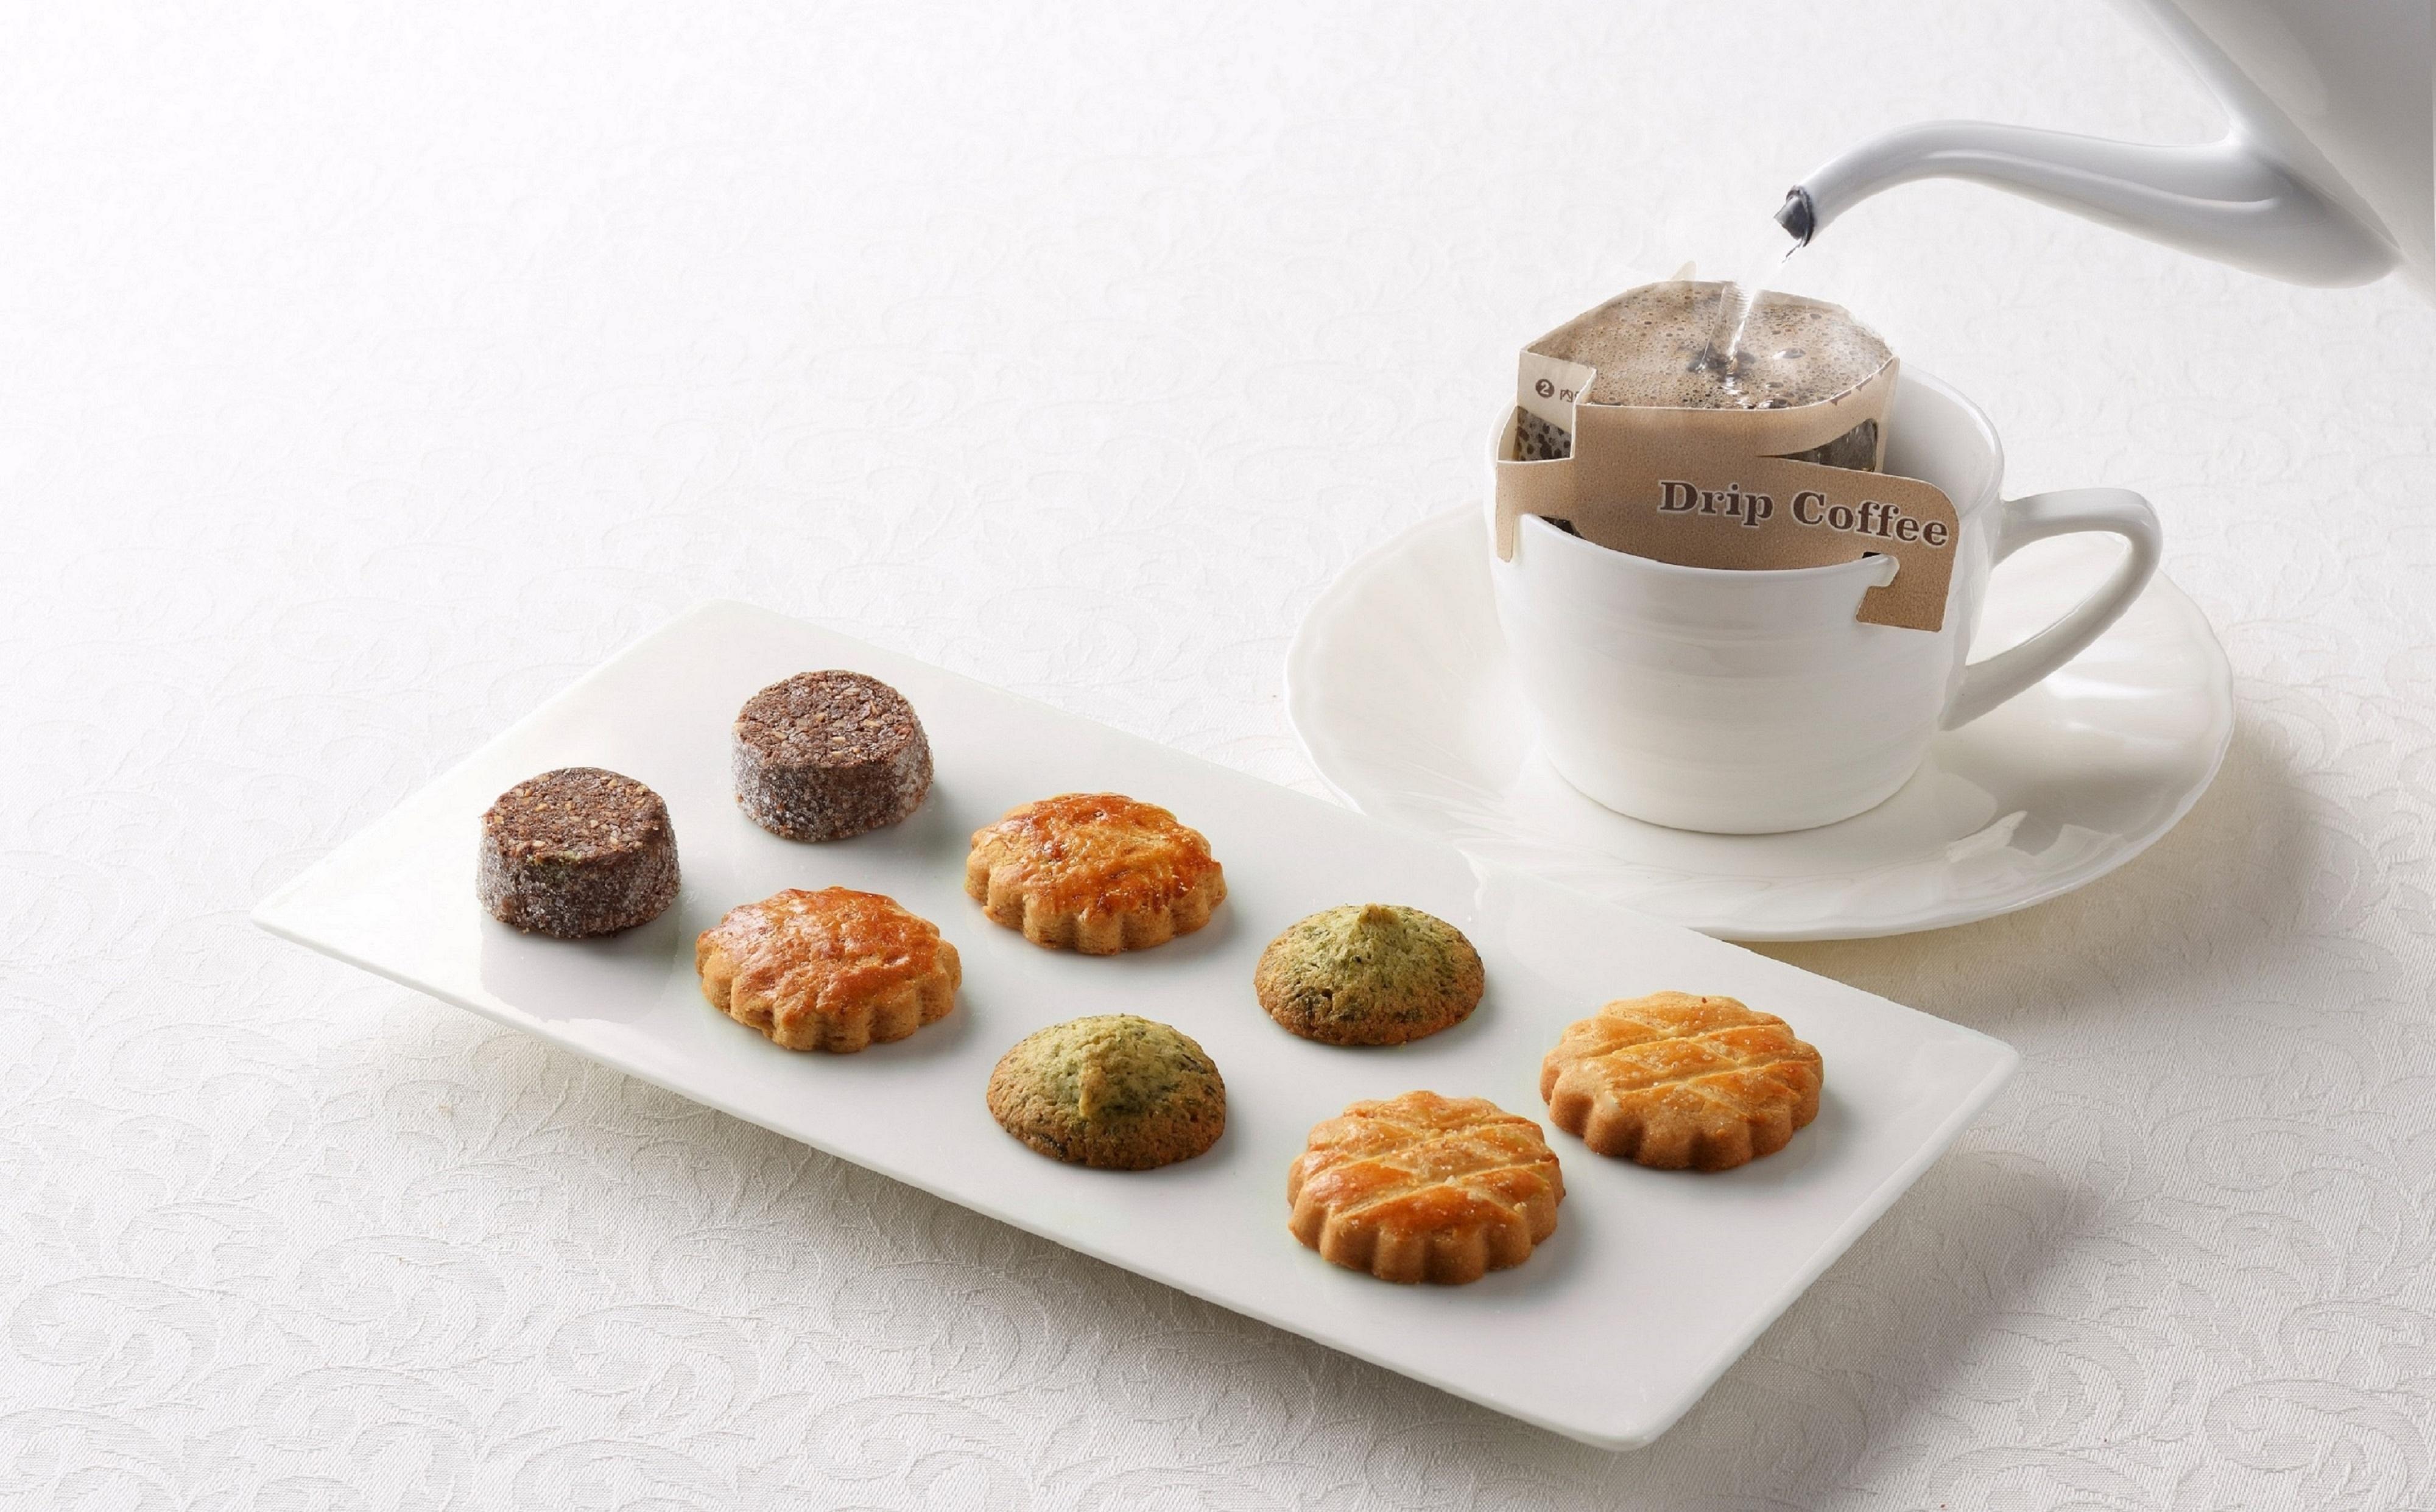 インペリアルブレンドコーヒー&焼菓子セット